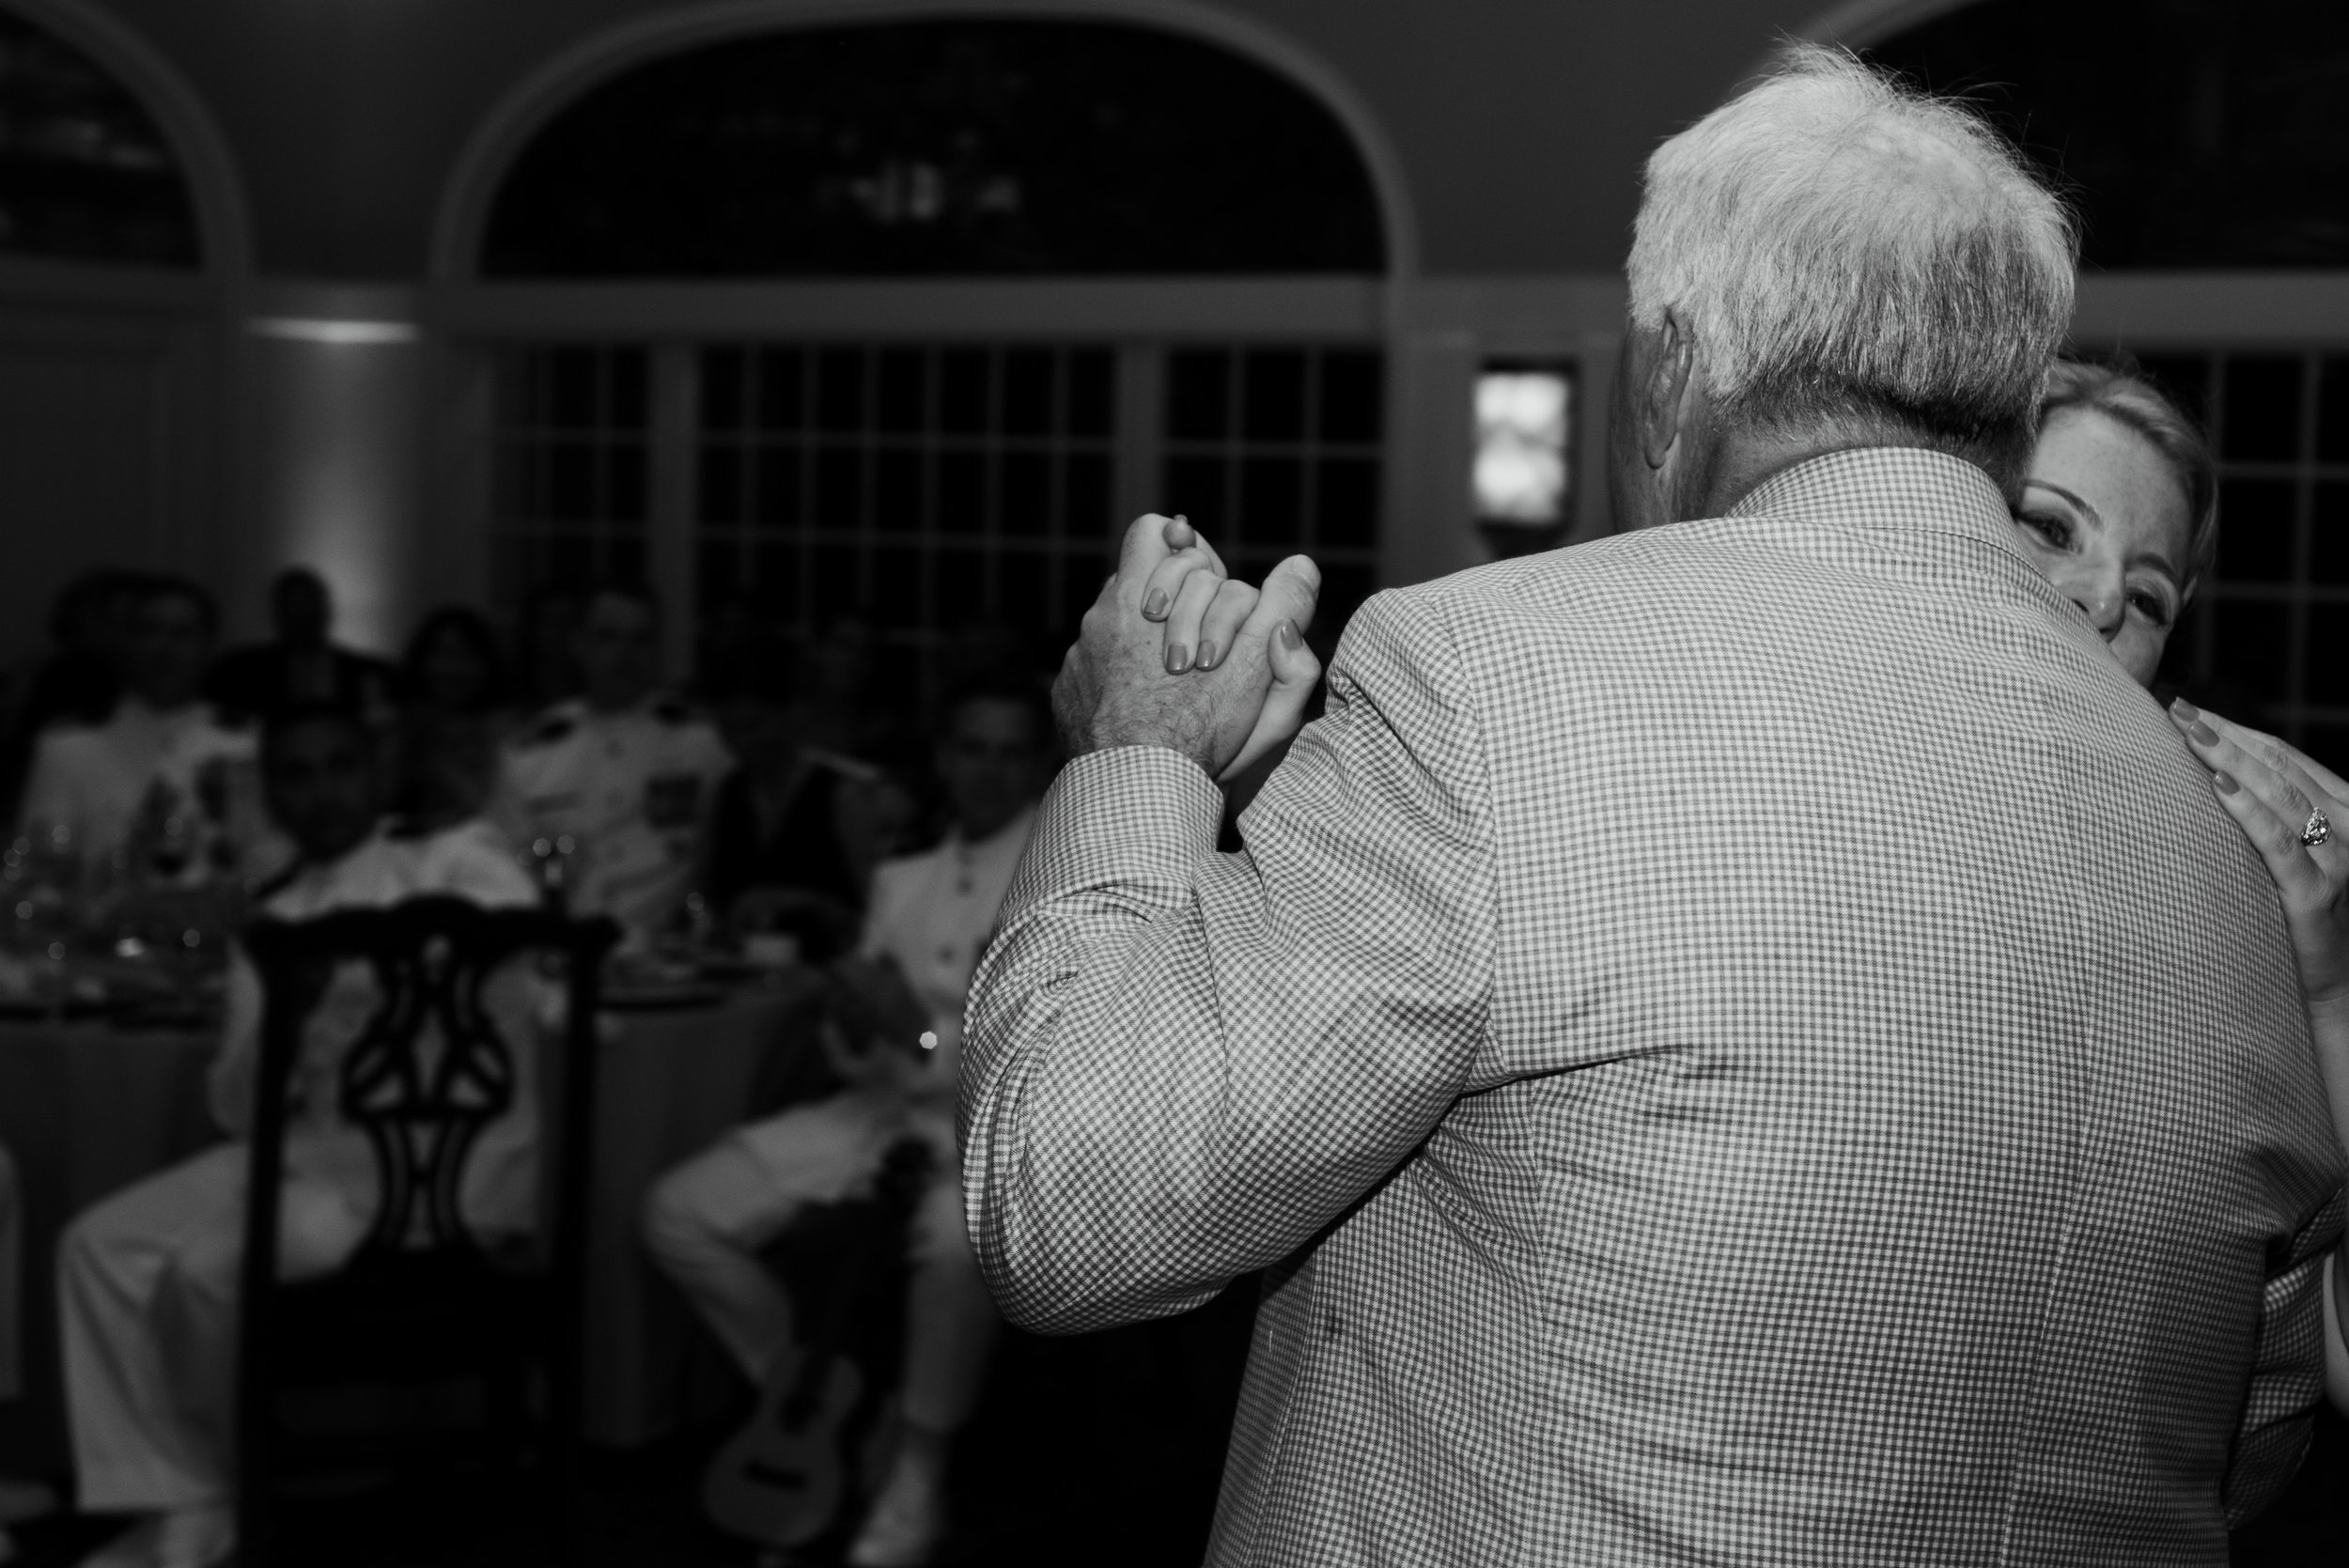 st-simons-island-elopement-photographer-savannah-elopement-photography-savannah-georgia-elopement-photographer-savannah-wedding-photographer-meg-hill-photo-jade-hill- (65 of 72).jpg